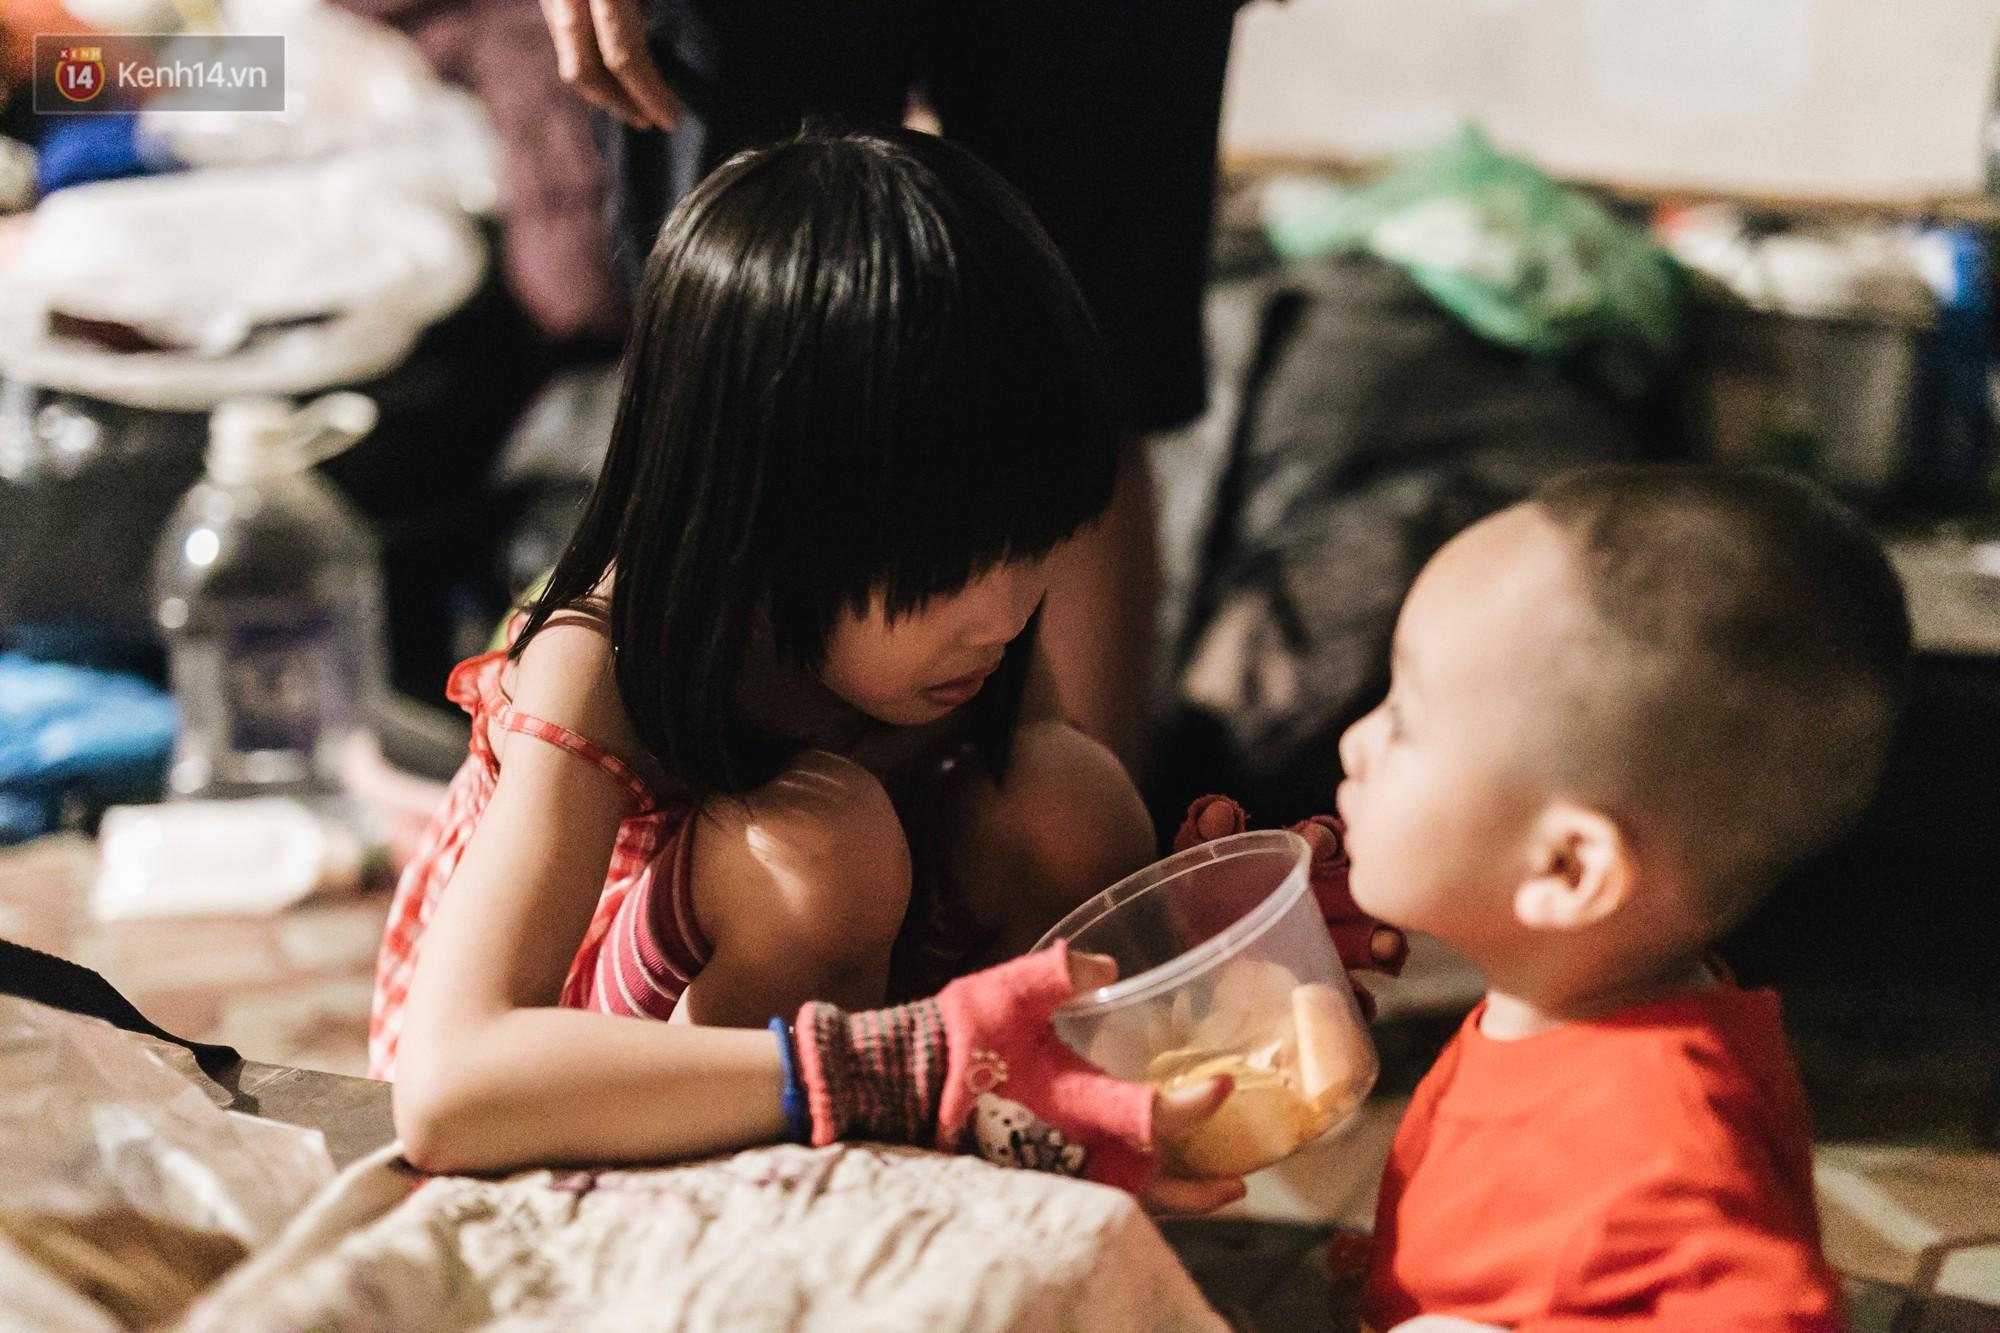 Bất ngờ nổi tiếng sau 1 đêm, bé gái 6 tuổi phối đồ chất ở Hà Nội trở về những ngày lang thang bán hàng rong cùng mẹ-13